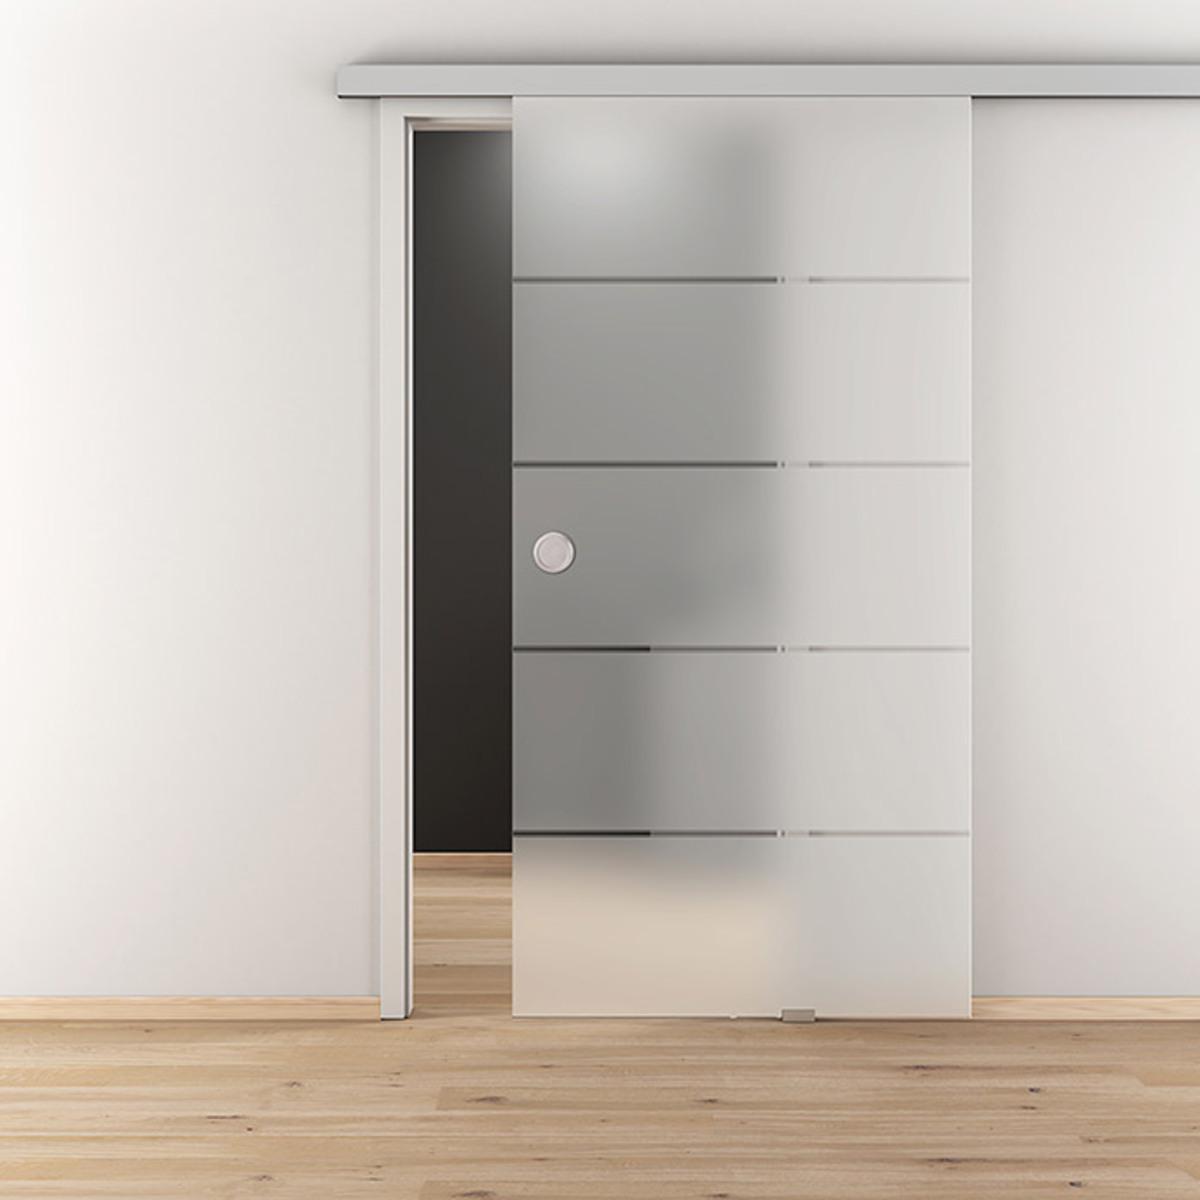 Bild 1 von Diamond Doors Schiebetürsystem Jubidoor 6.0